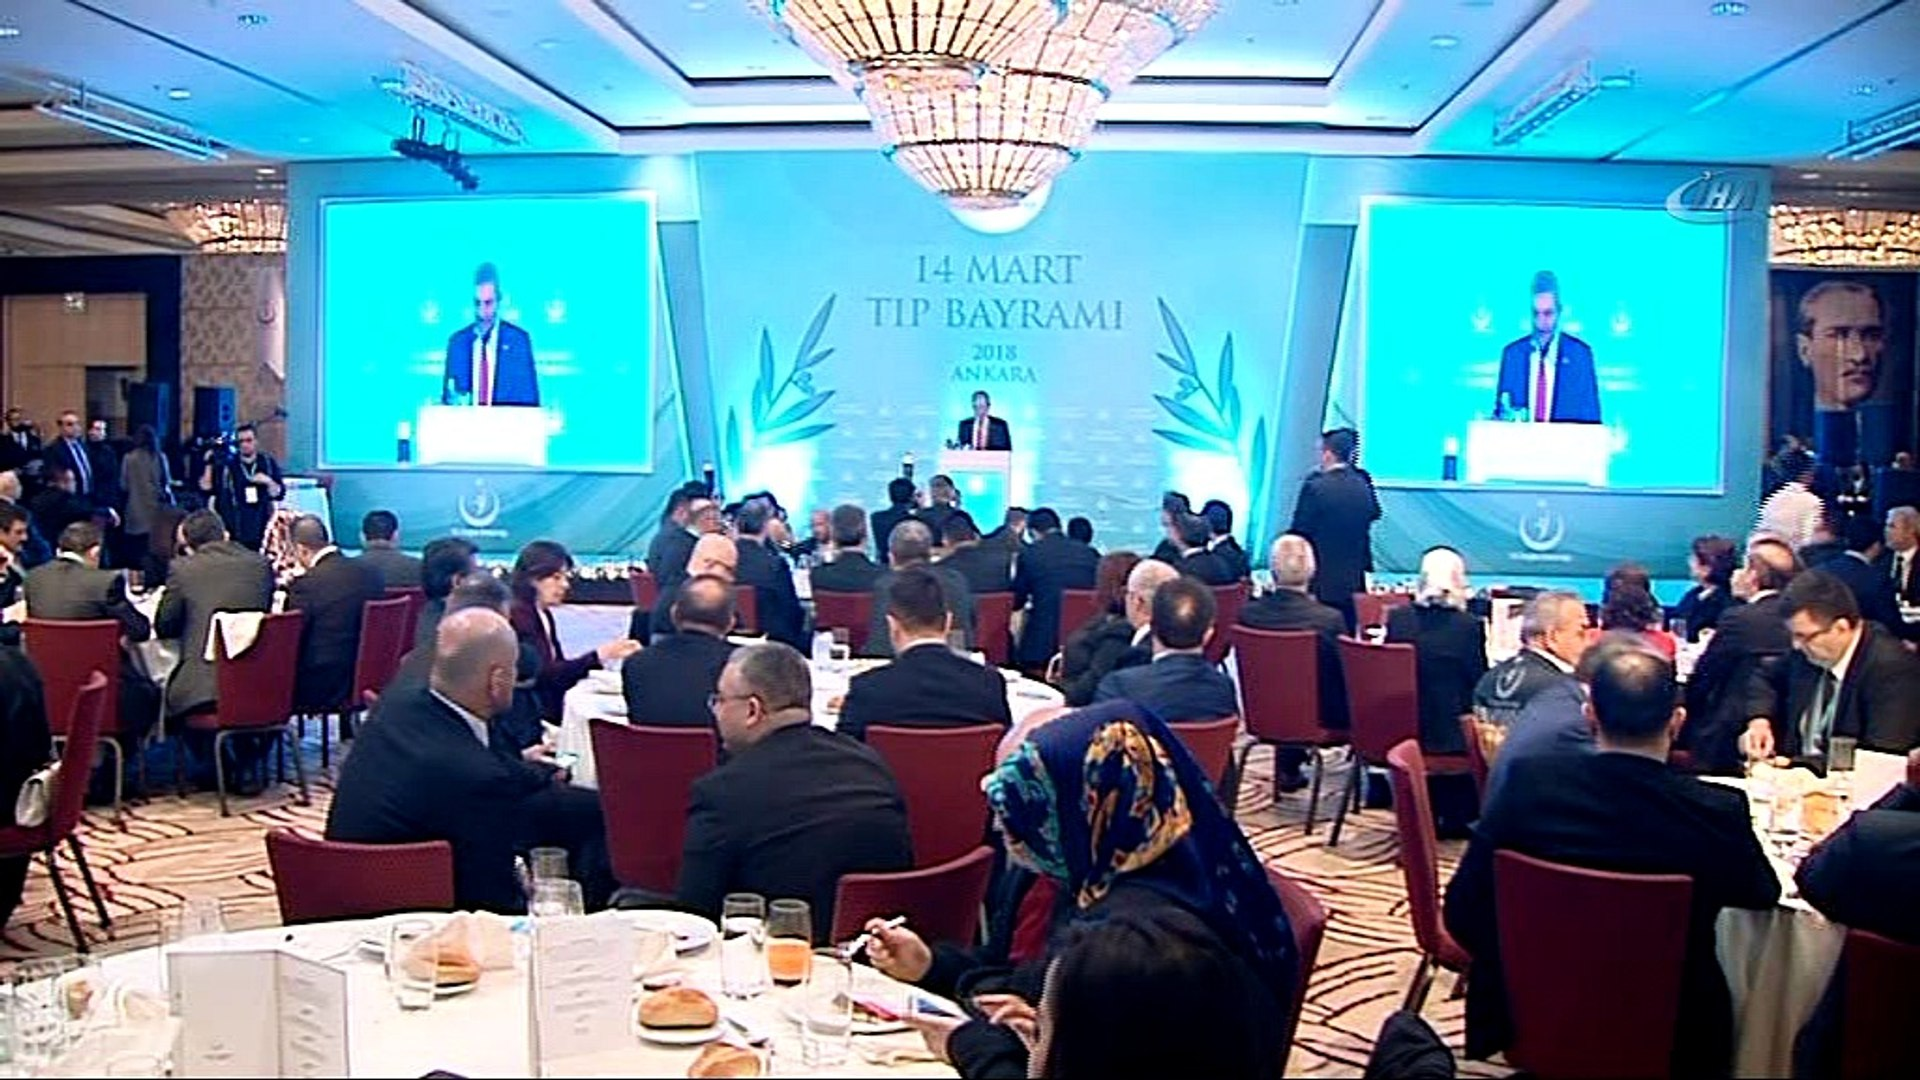 Sağlık Bakanı Demircan: 'Sağlık çalışanlarının sorunları için ne gerekiyorsa yapılacaktır'